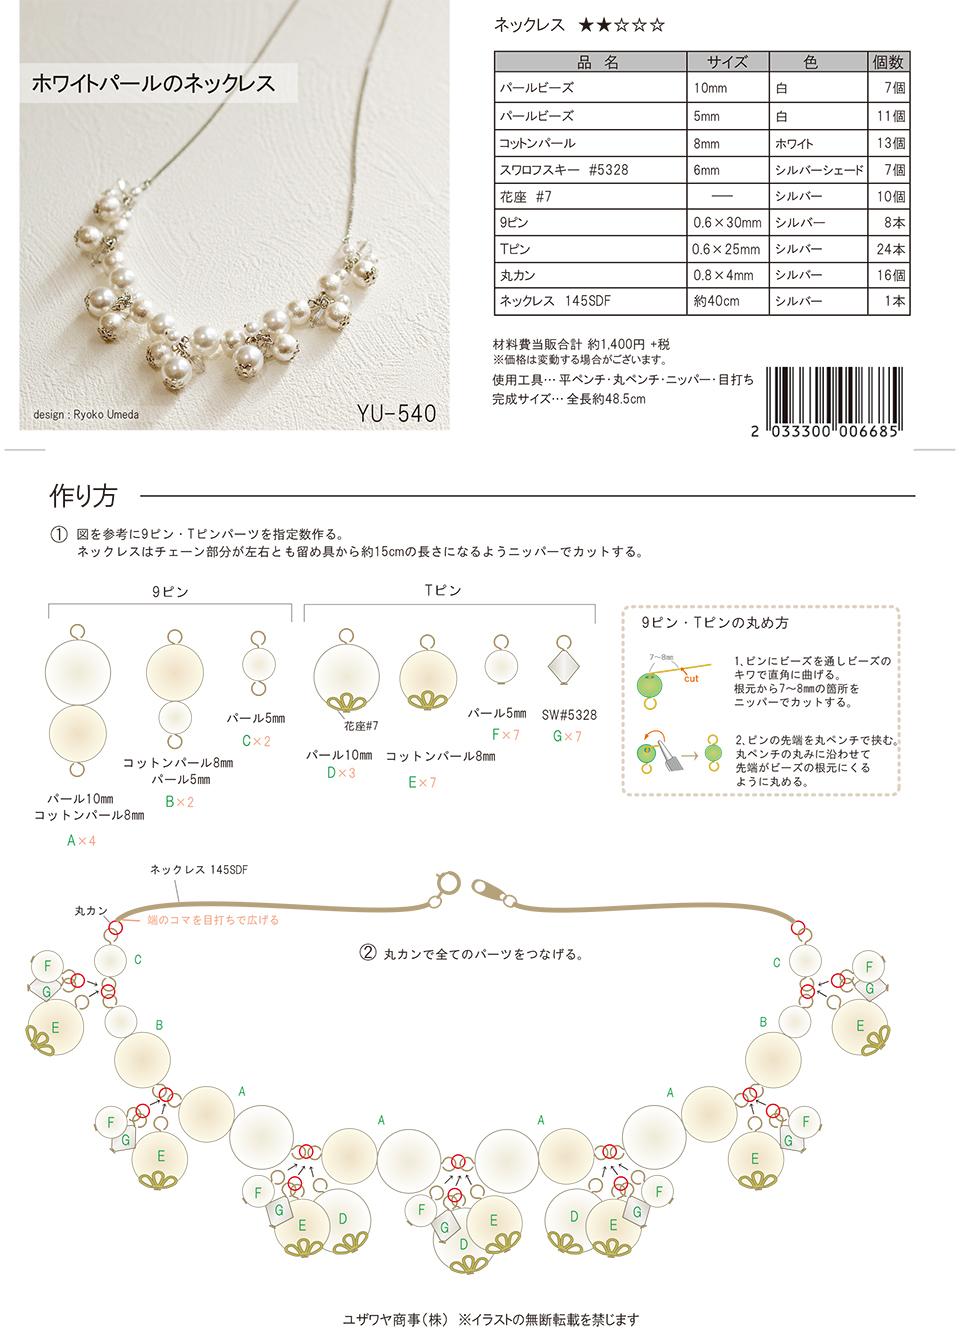 YU-540ホワイトパールのネックレス_1.jpg